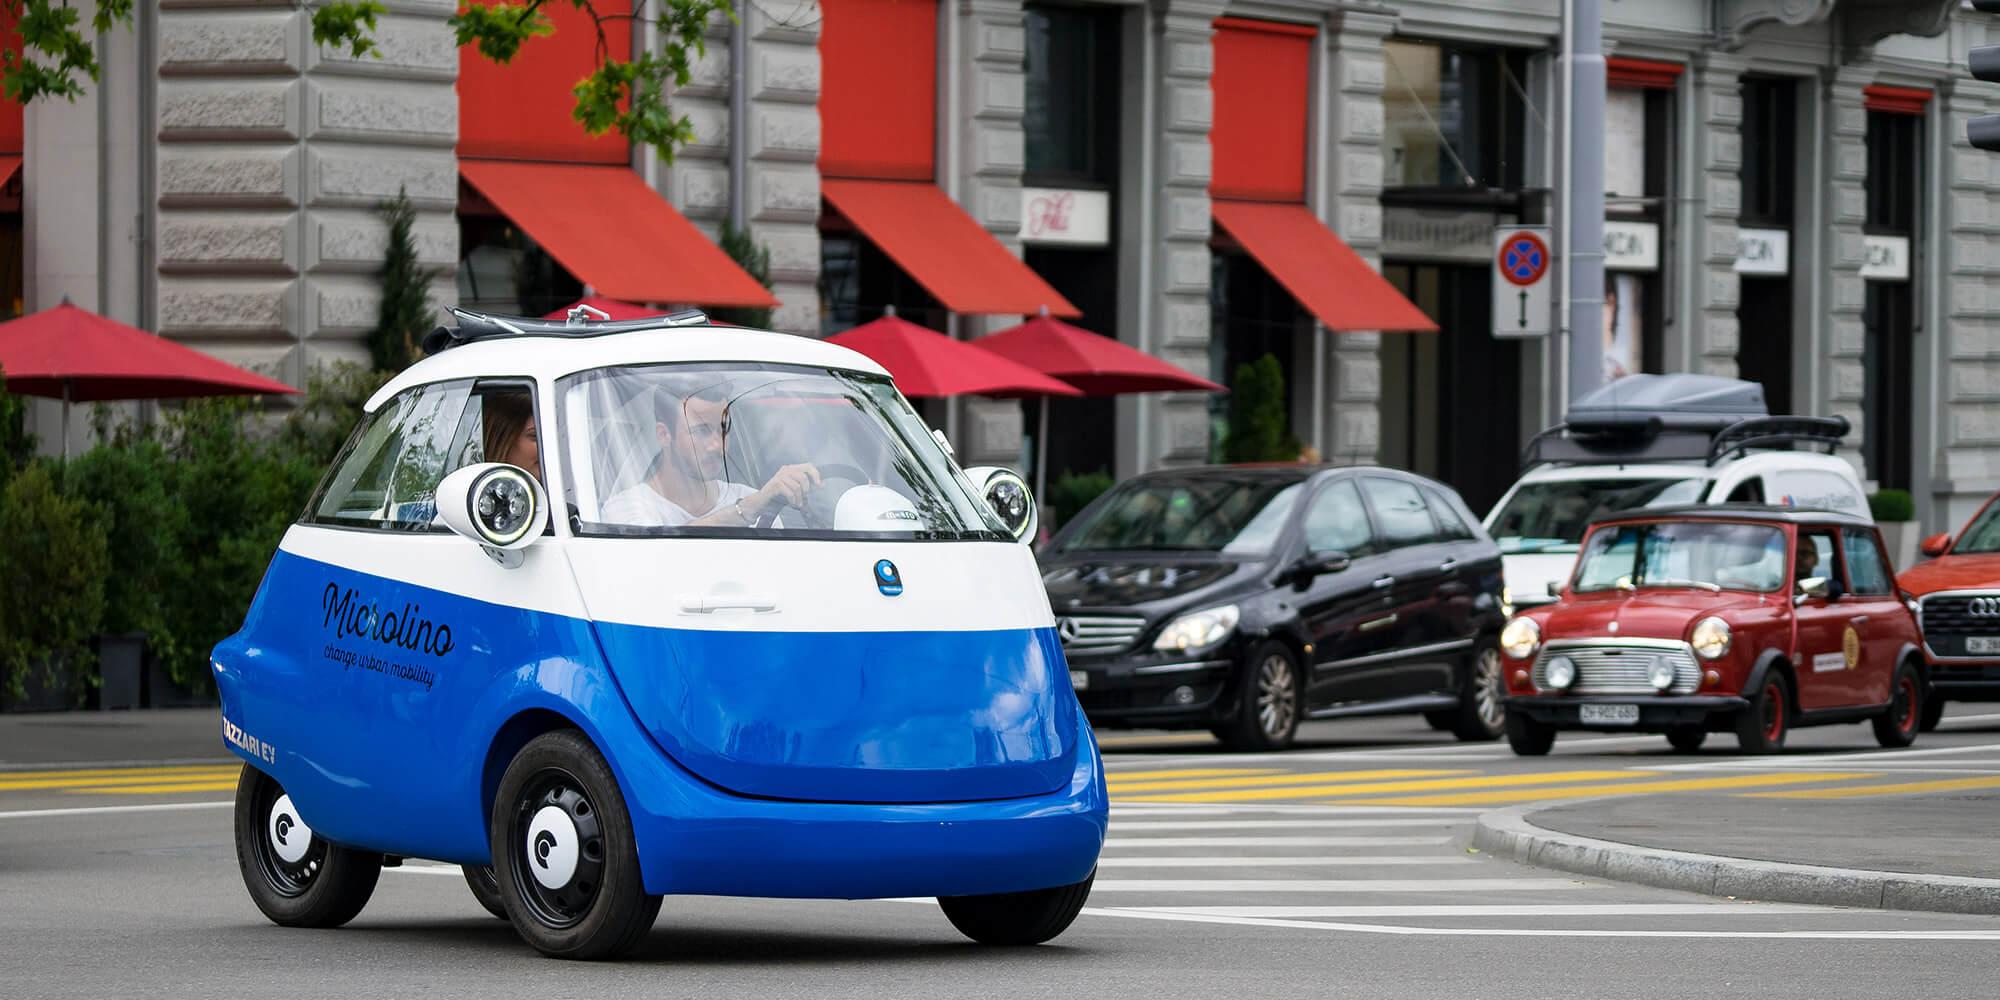 Electric Car Rentals In Destin Fl